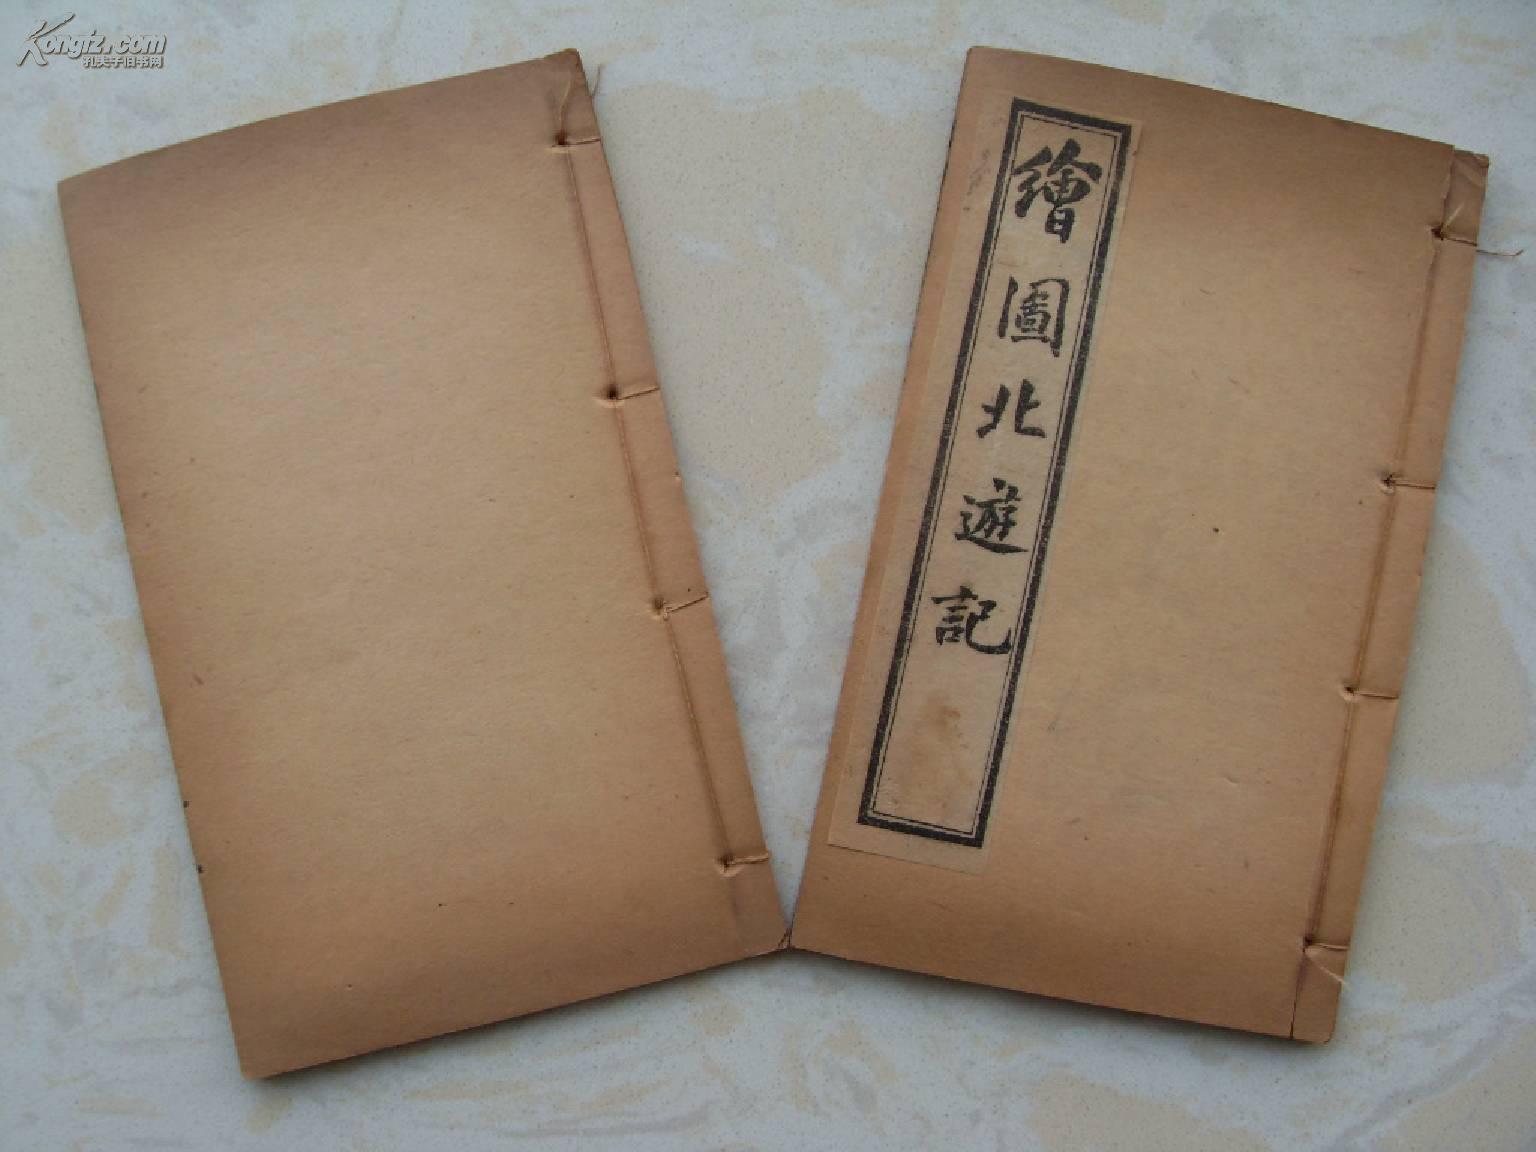 民国富华图书馆石印本 人物绘画4幅 北游记《绘图北游记》又名《北遊记》四卷 2册 一套全